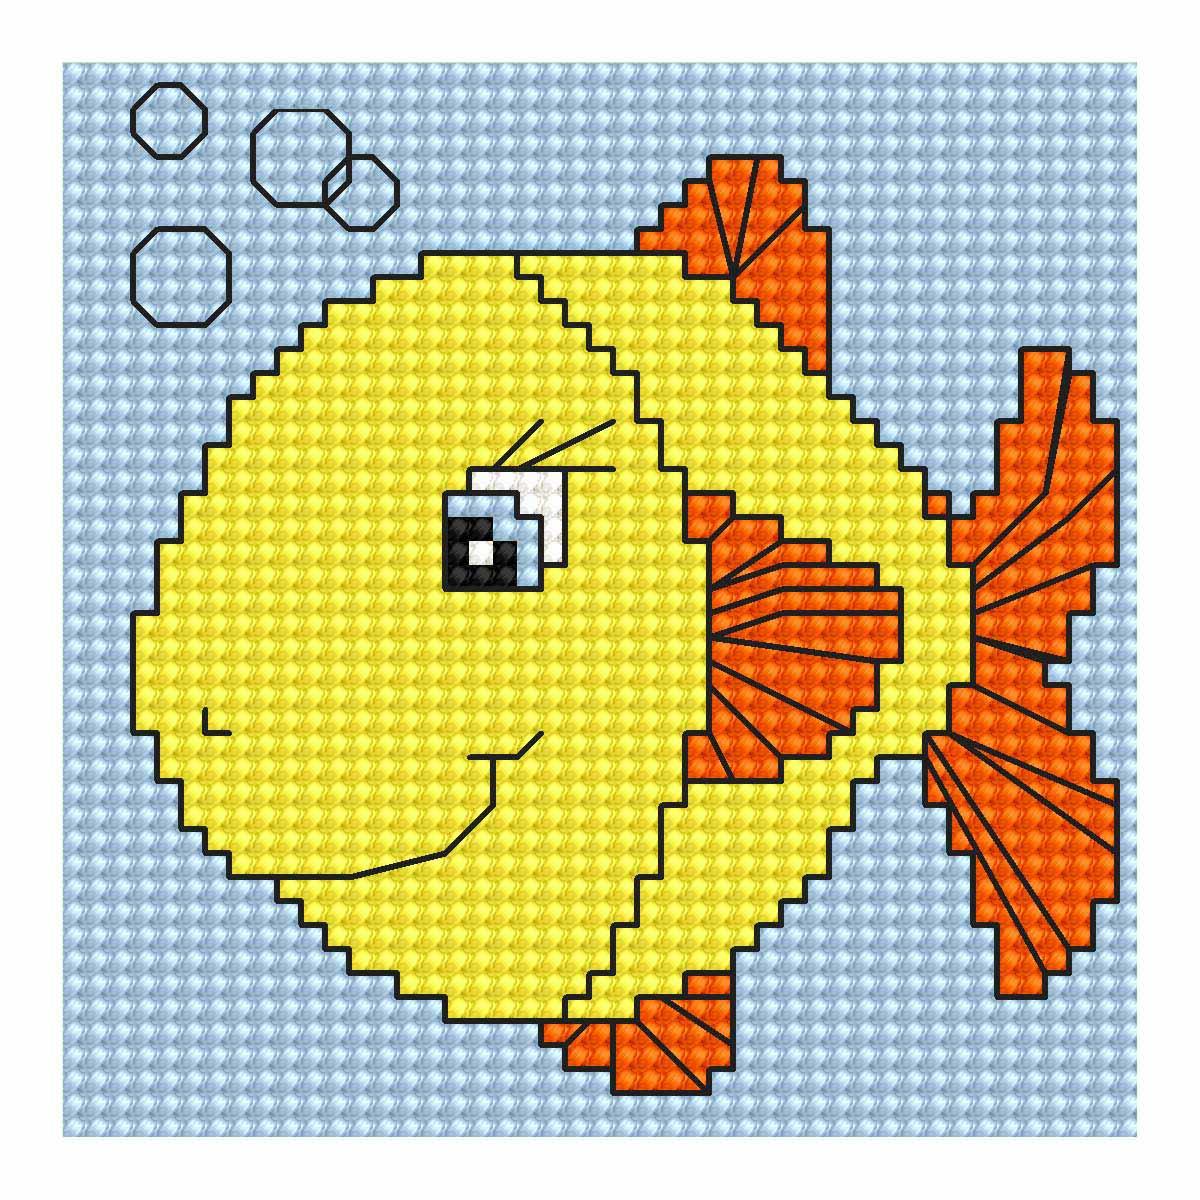 B080 Набор для вышивания 'Моя первая вышивка. Рыбка' 8*8 см, Luca-S